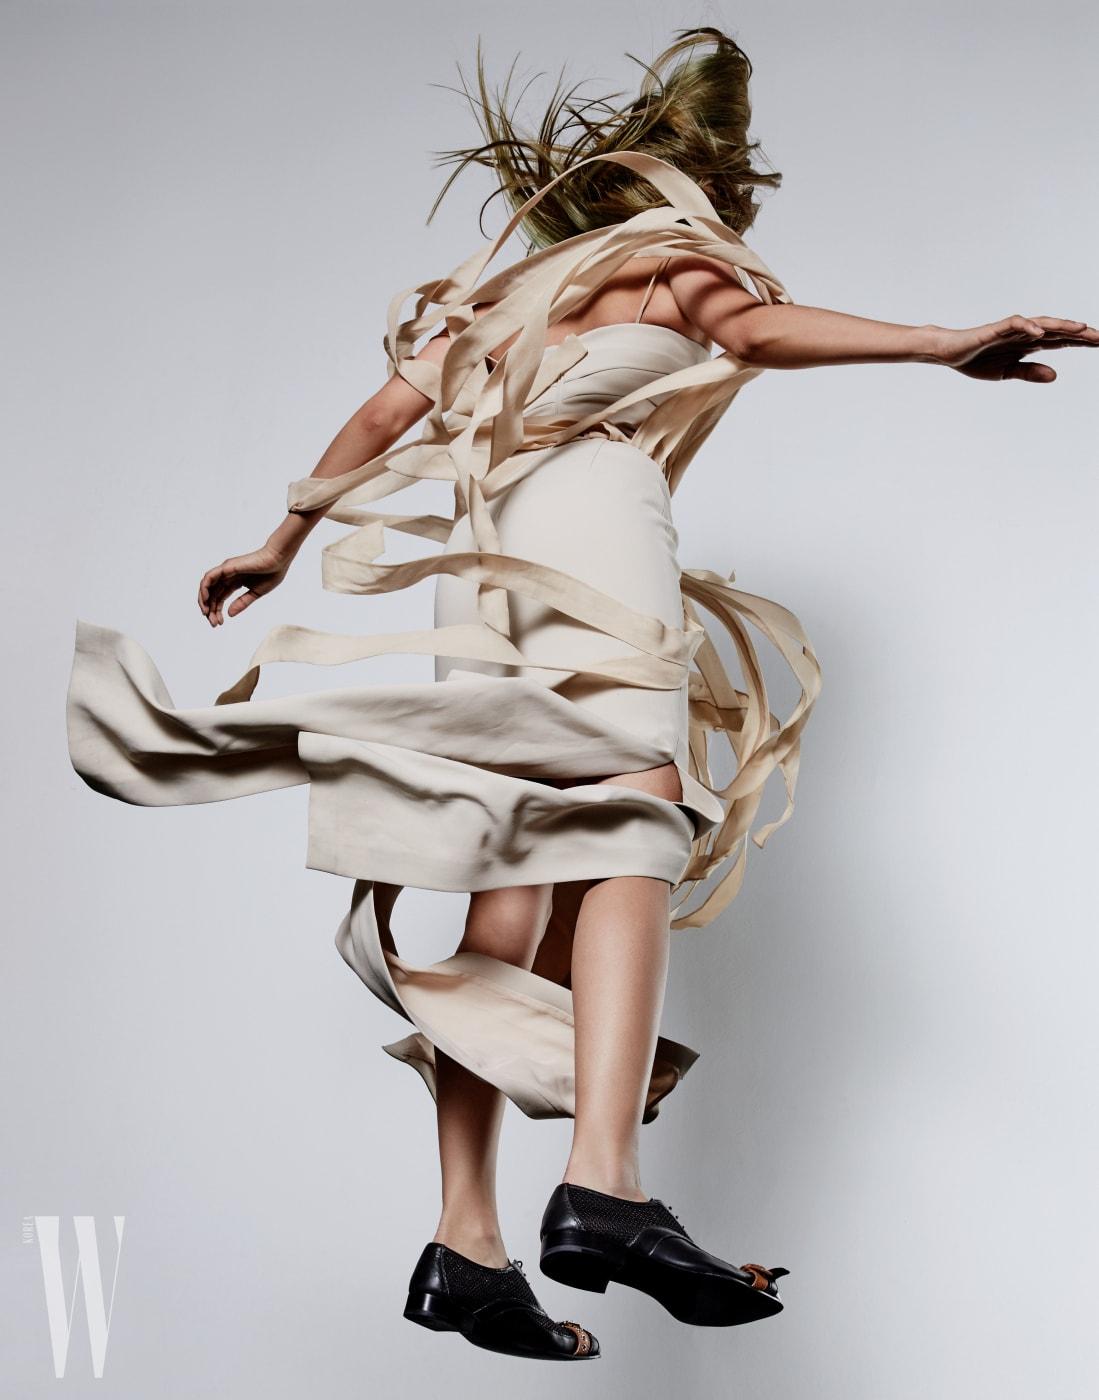 베이지색 프린지 드레스는 막스마라 제품. 가격 미정. 앞코의 버클 장식이 포인트인 매니시한 슈즈는 프라다 제품. 가격 미정.